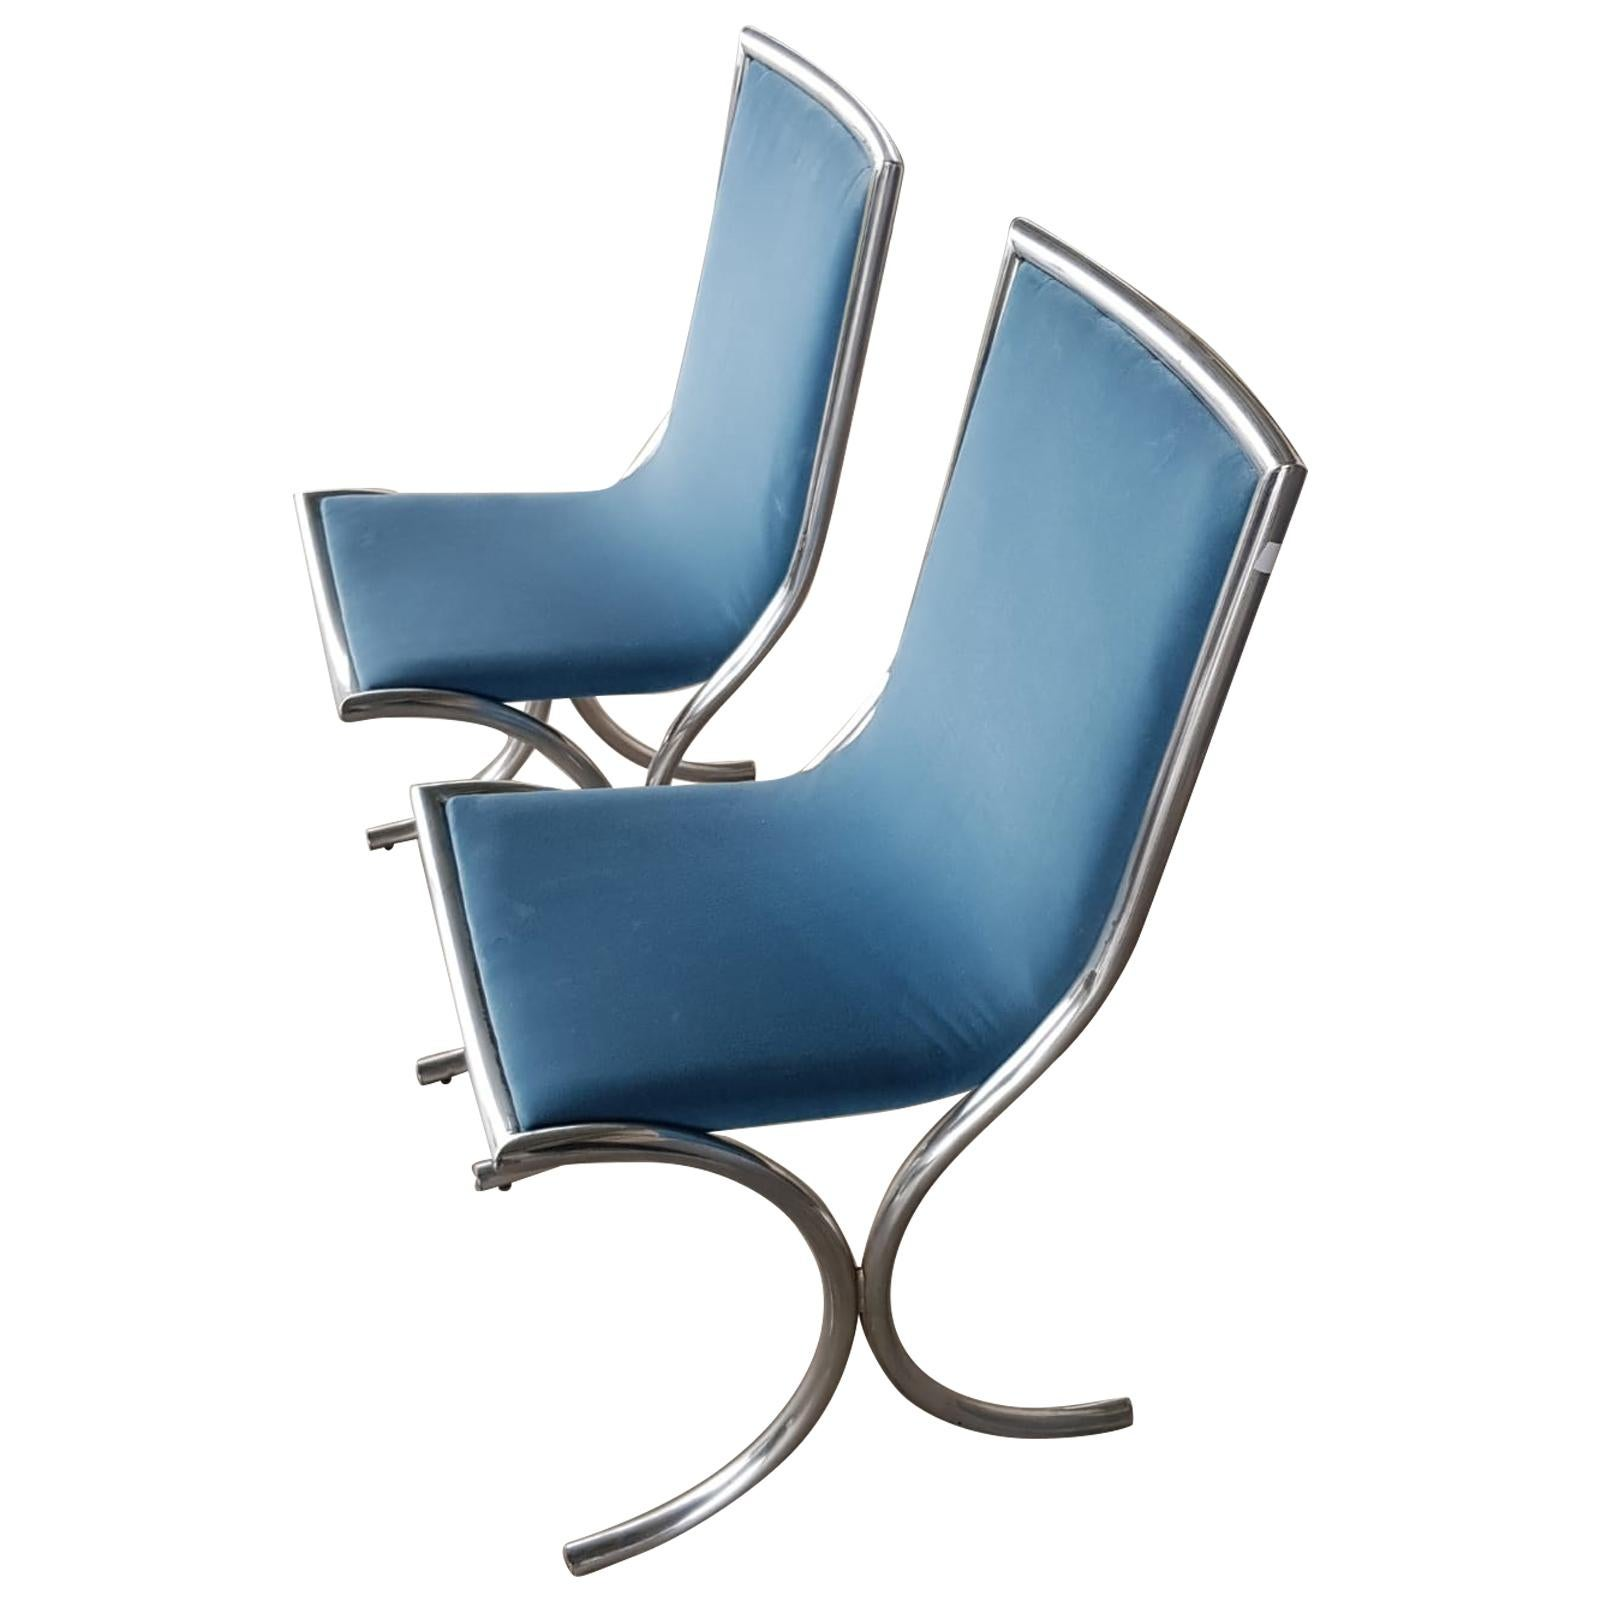 1970s Chromed Steel Light Blue Velvet Chairs, Set of 2